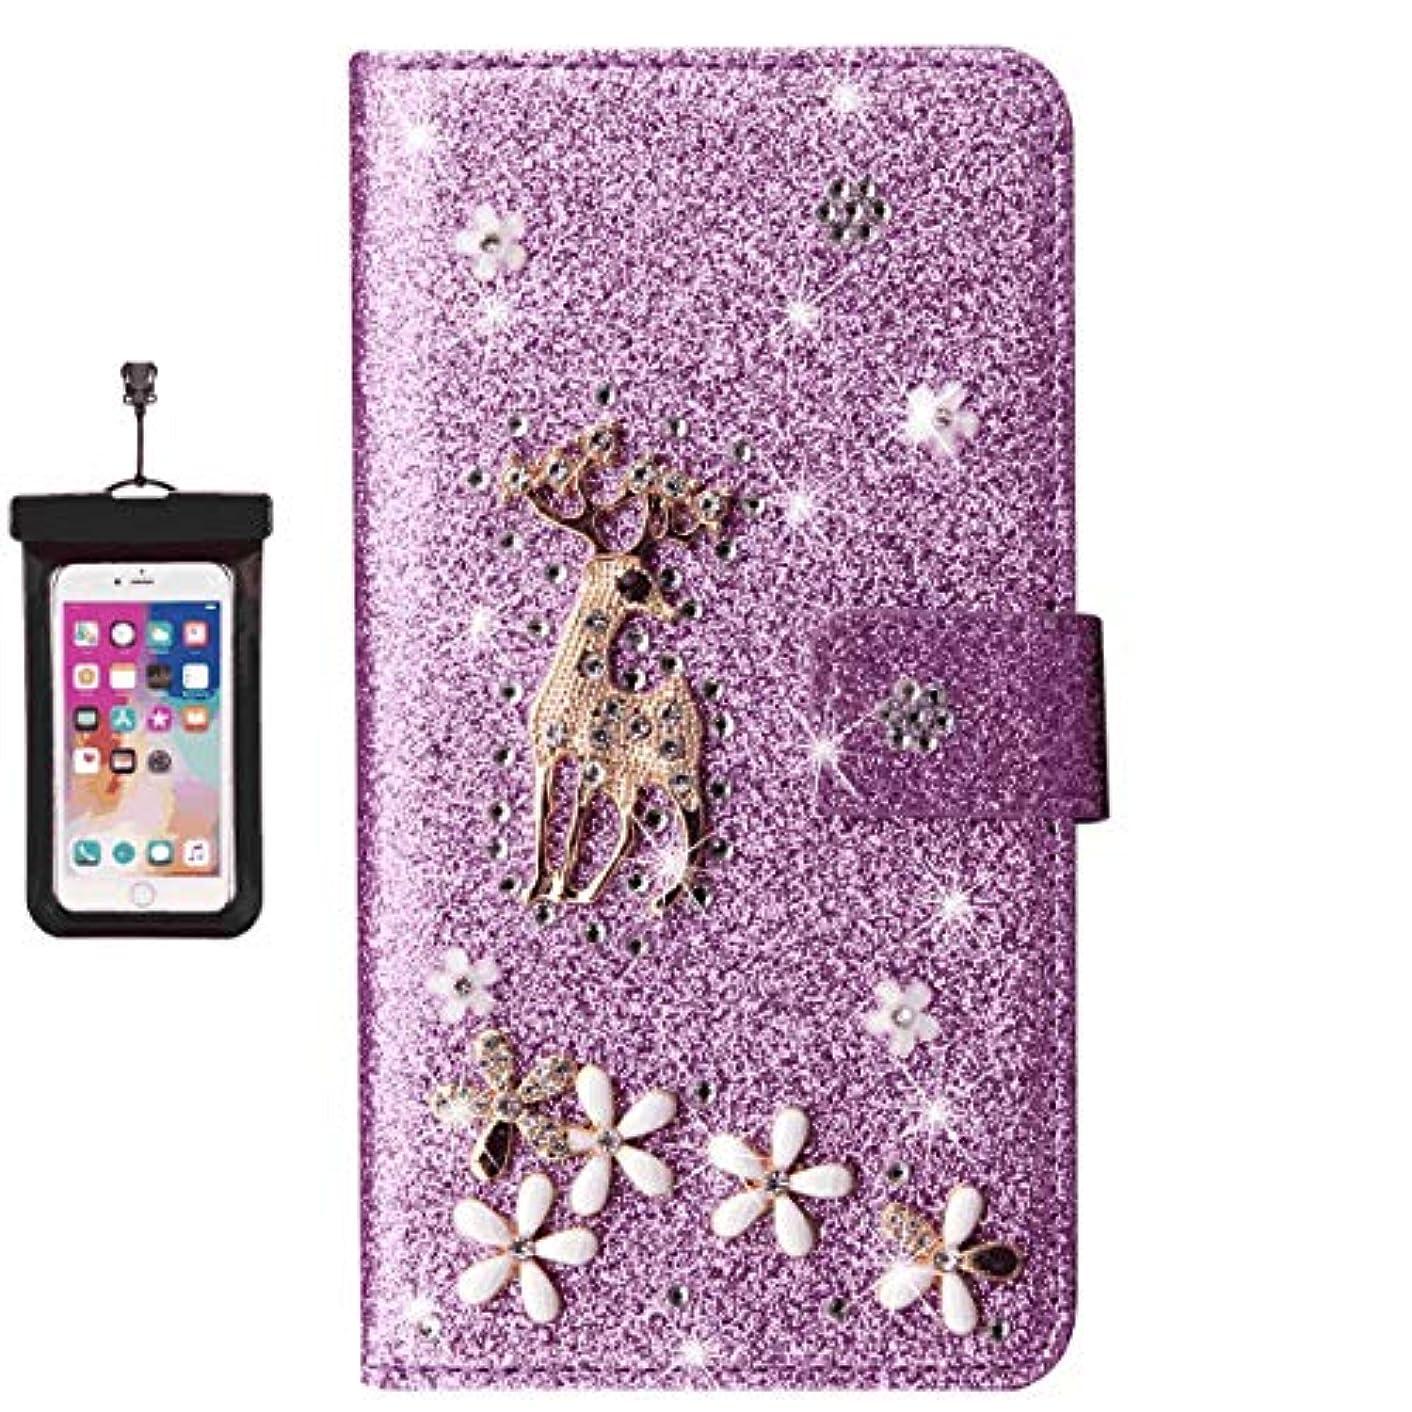 きゅうり拮抗する吐く全面保護 手帳型 iPhone 11 ケース 本革 レザー スマホケース スマートフォン ポーチ 財布 カバー収納 保護ケース, 無料付防水ポーチケース